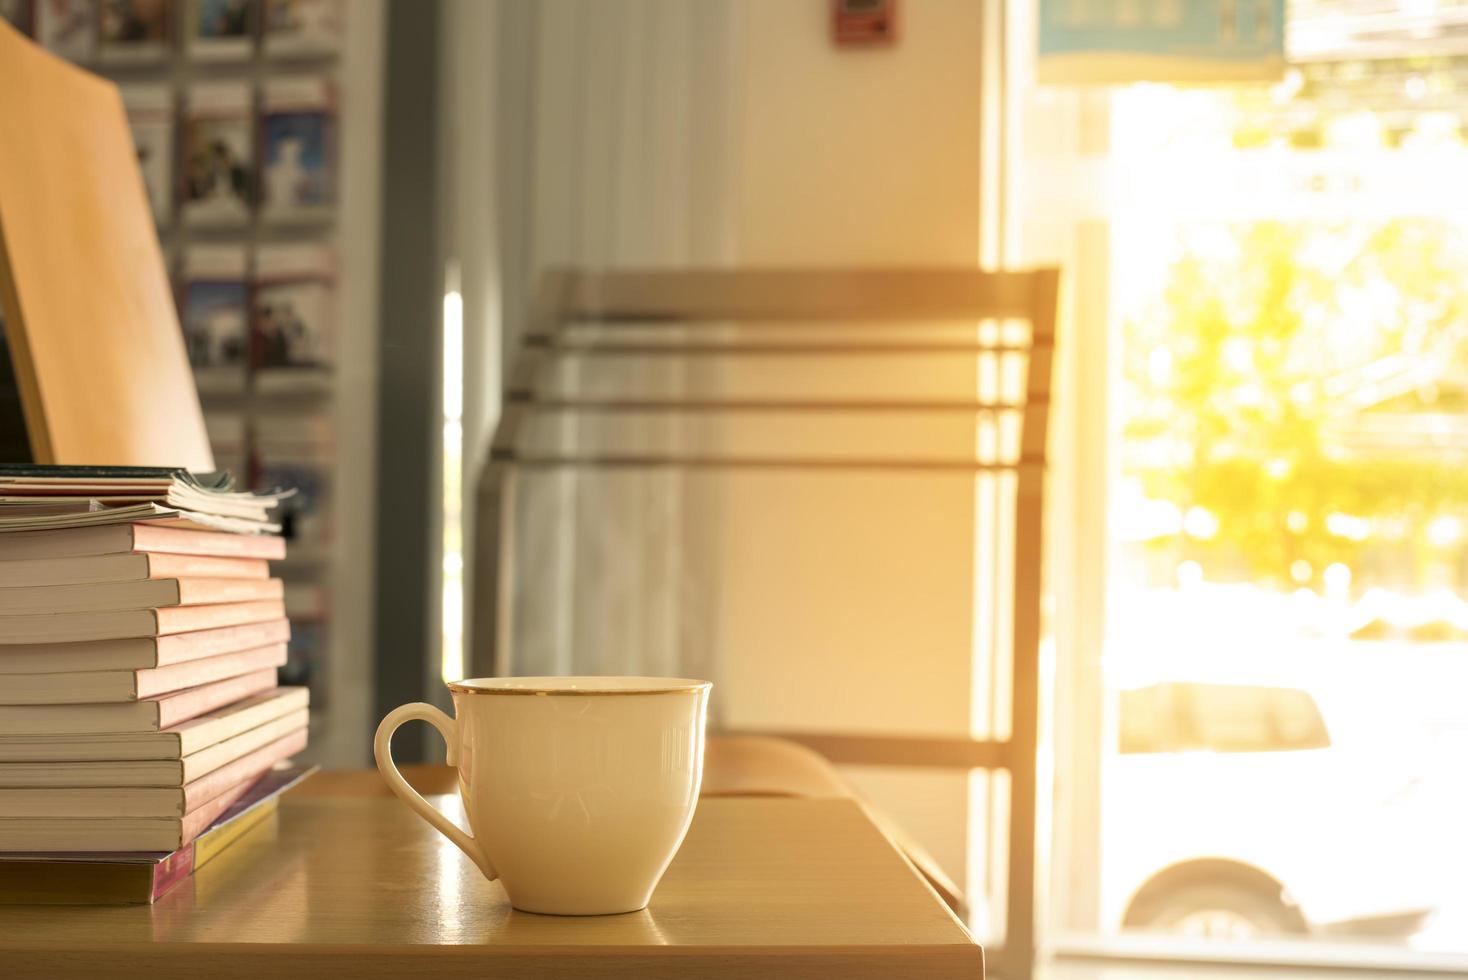 kopje koffie in de ochtend licht foto